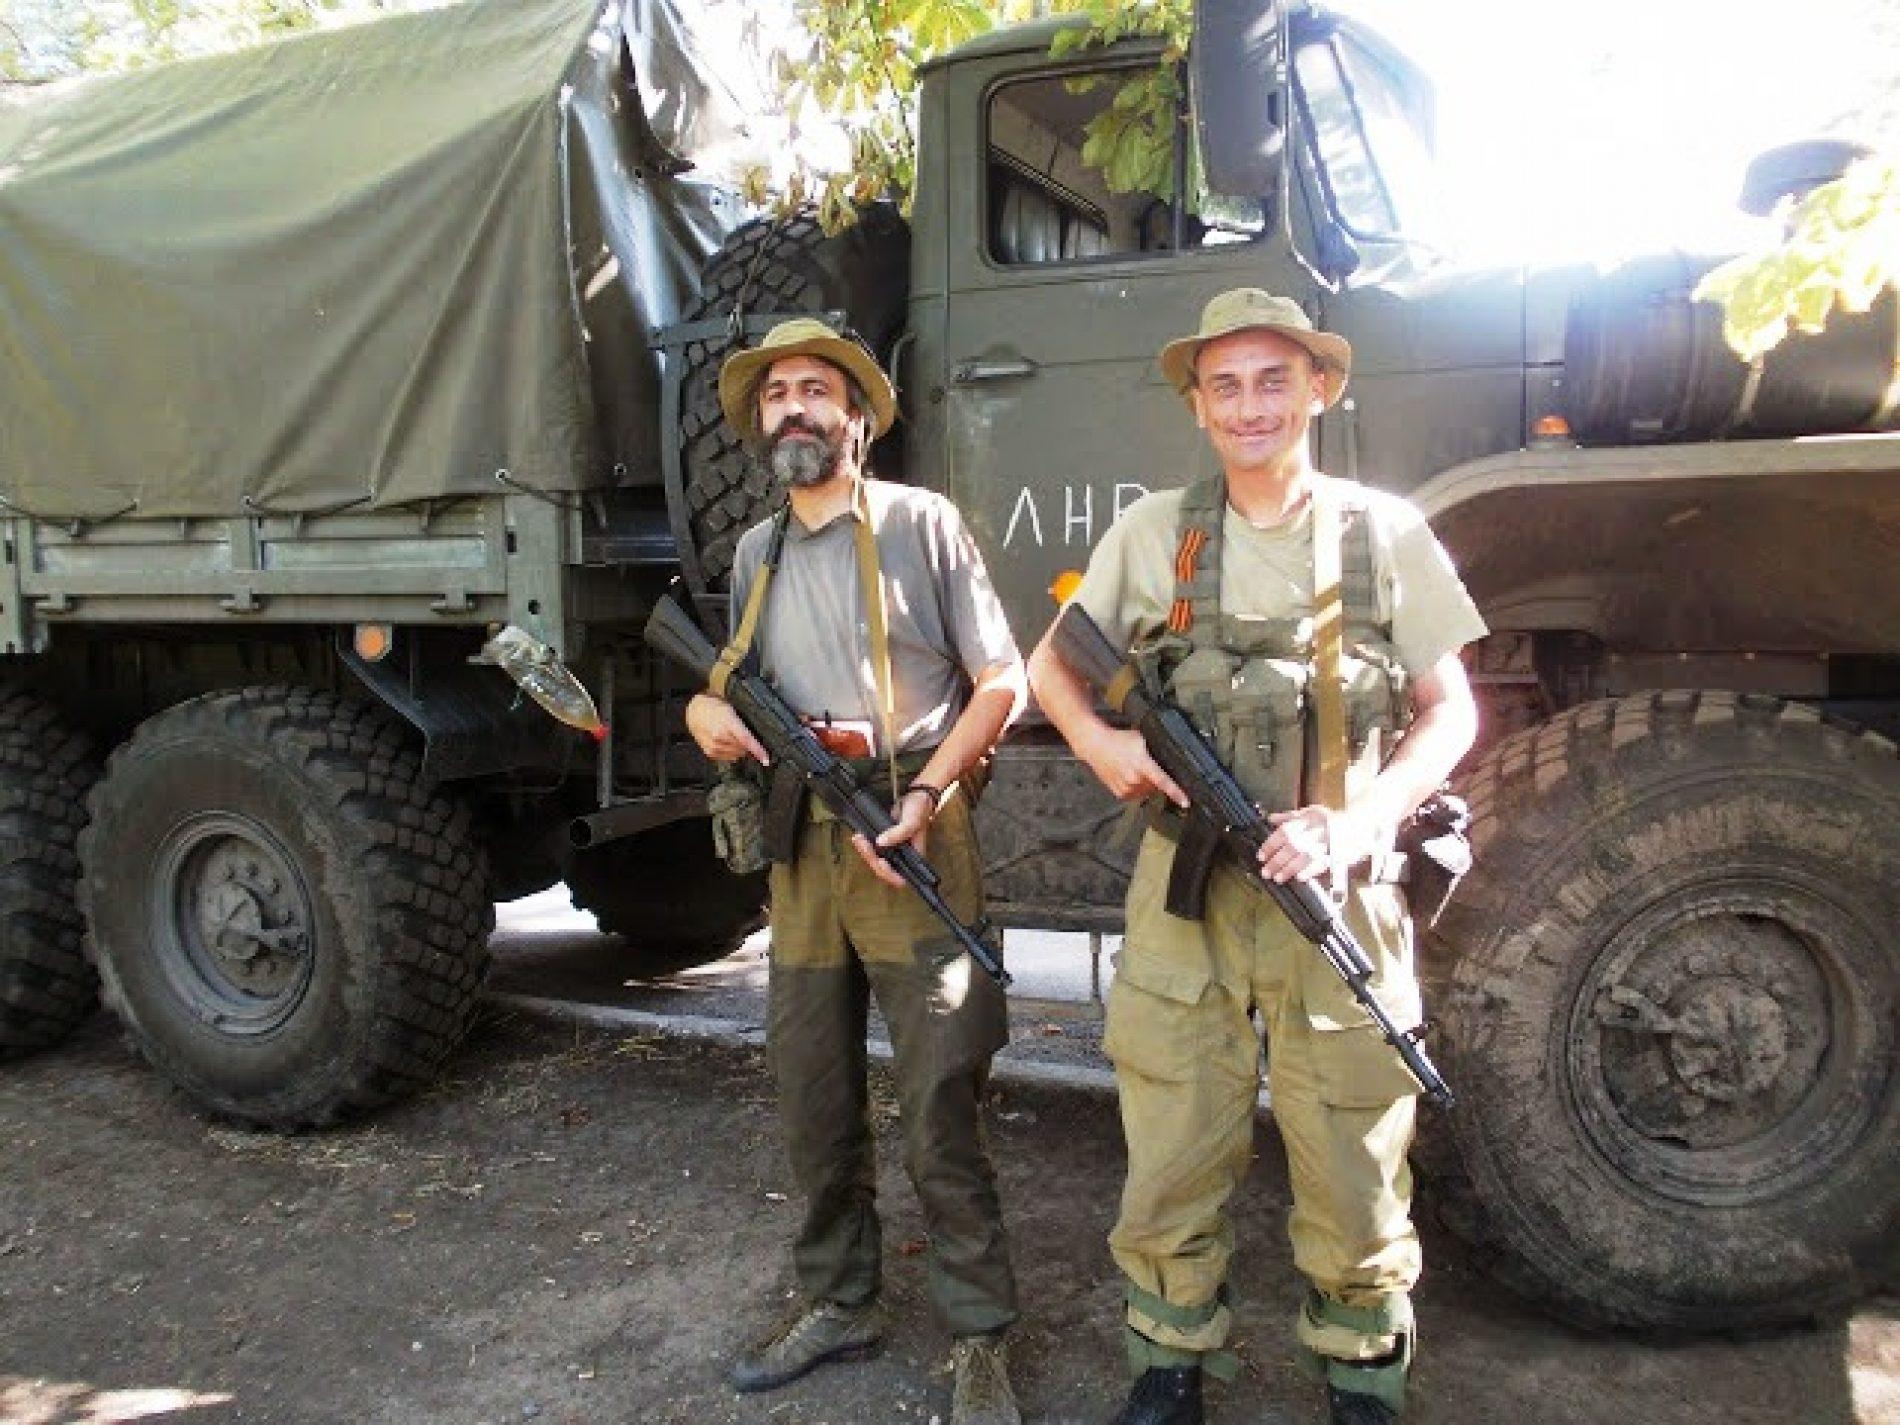 Potvrđena prva optužnica zbog ratovanja u Ukrajini